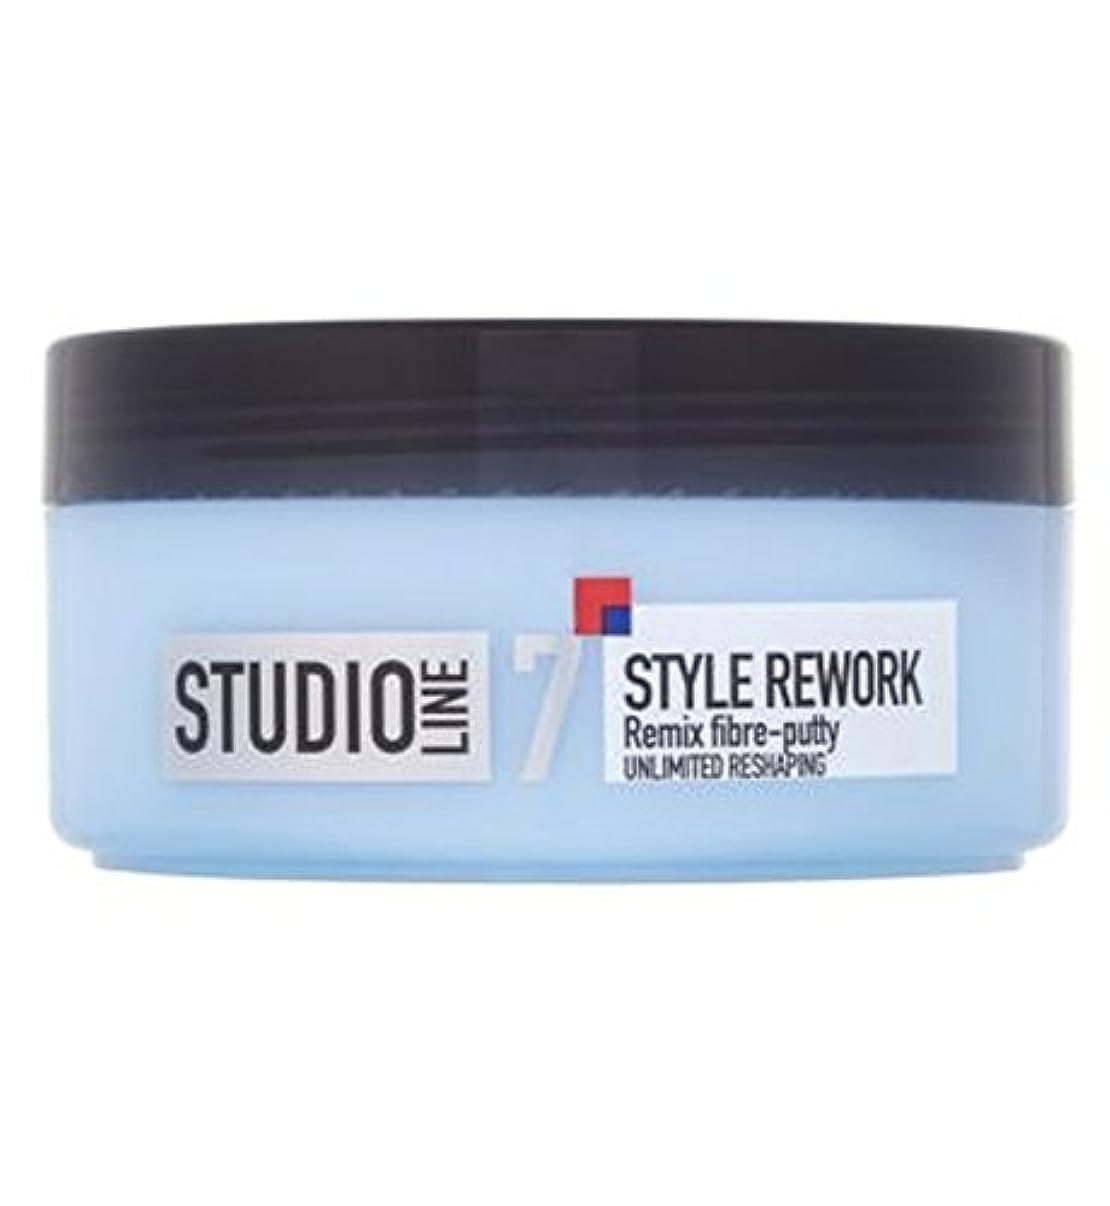 対応するお手入れ時系列L'Oreall Studio Line Style Rework Remix Fibre-Putty 150ml - L'Oreallスタジオラインスタイルリワークリミックス繊維パテ150ミリリットル (L'Oreal...